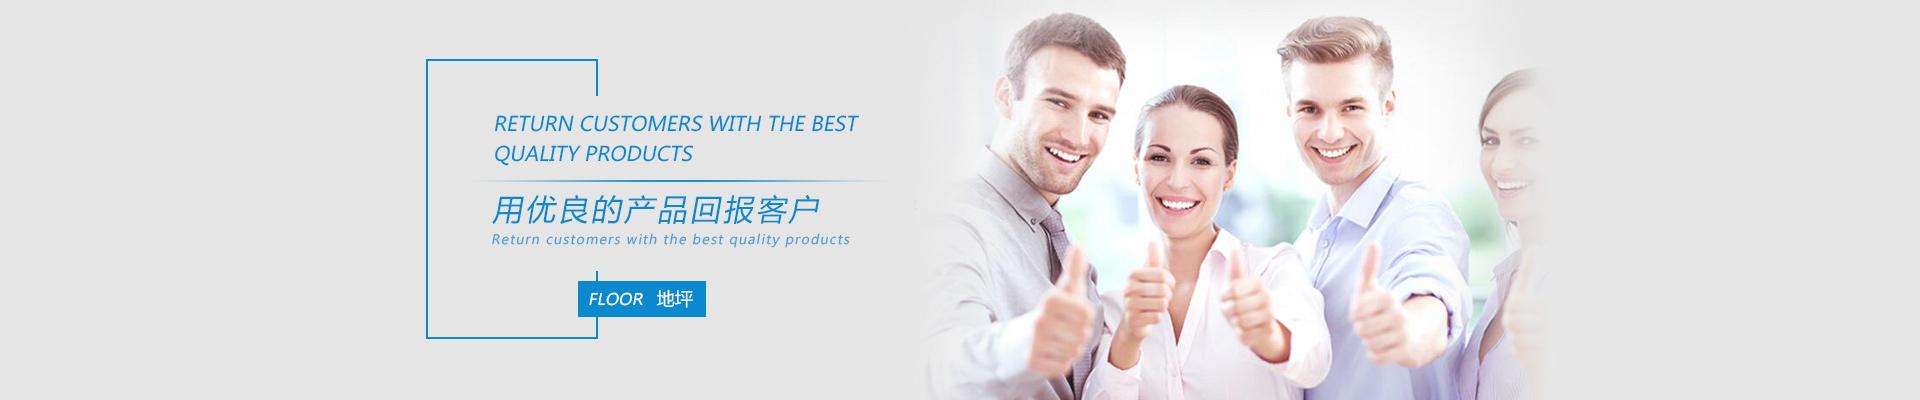 呼和浩特市天澳科技有限責任公司